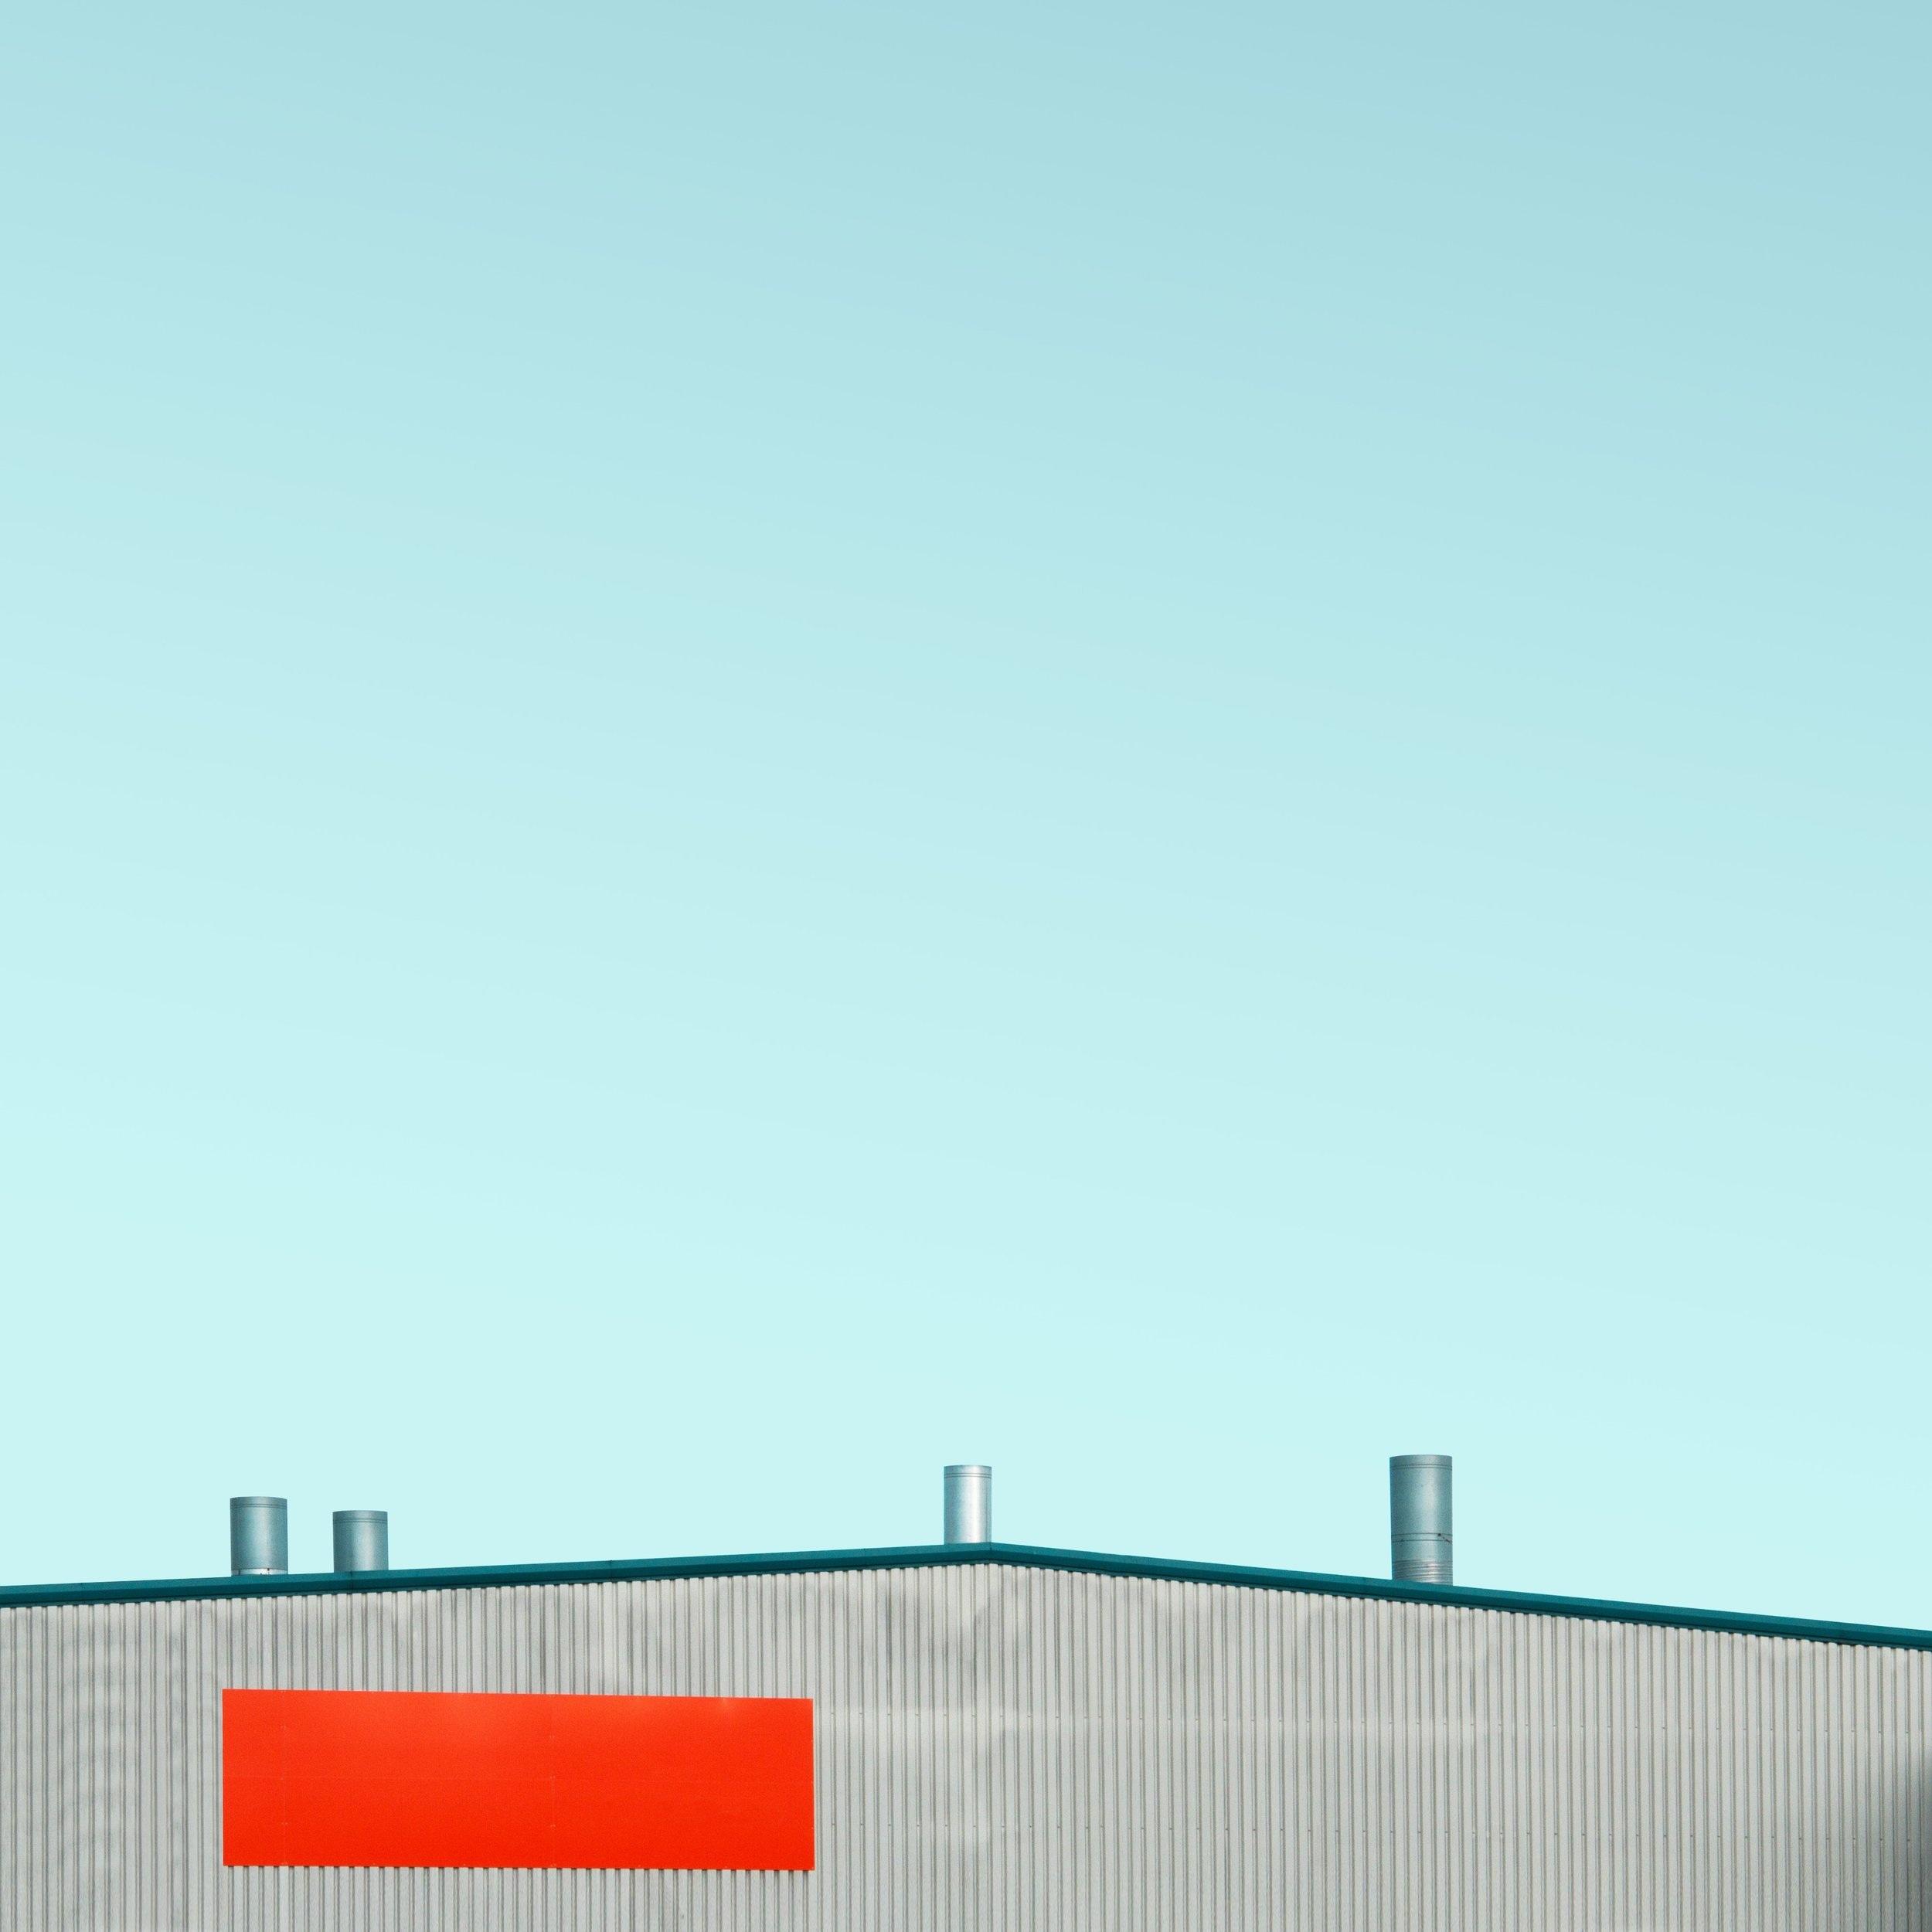 Facility -